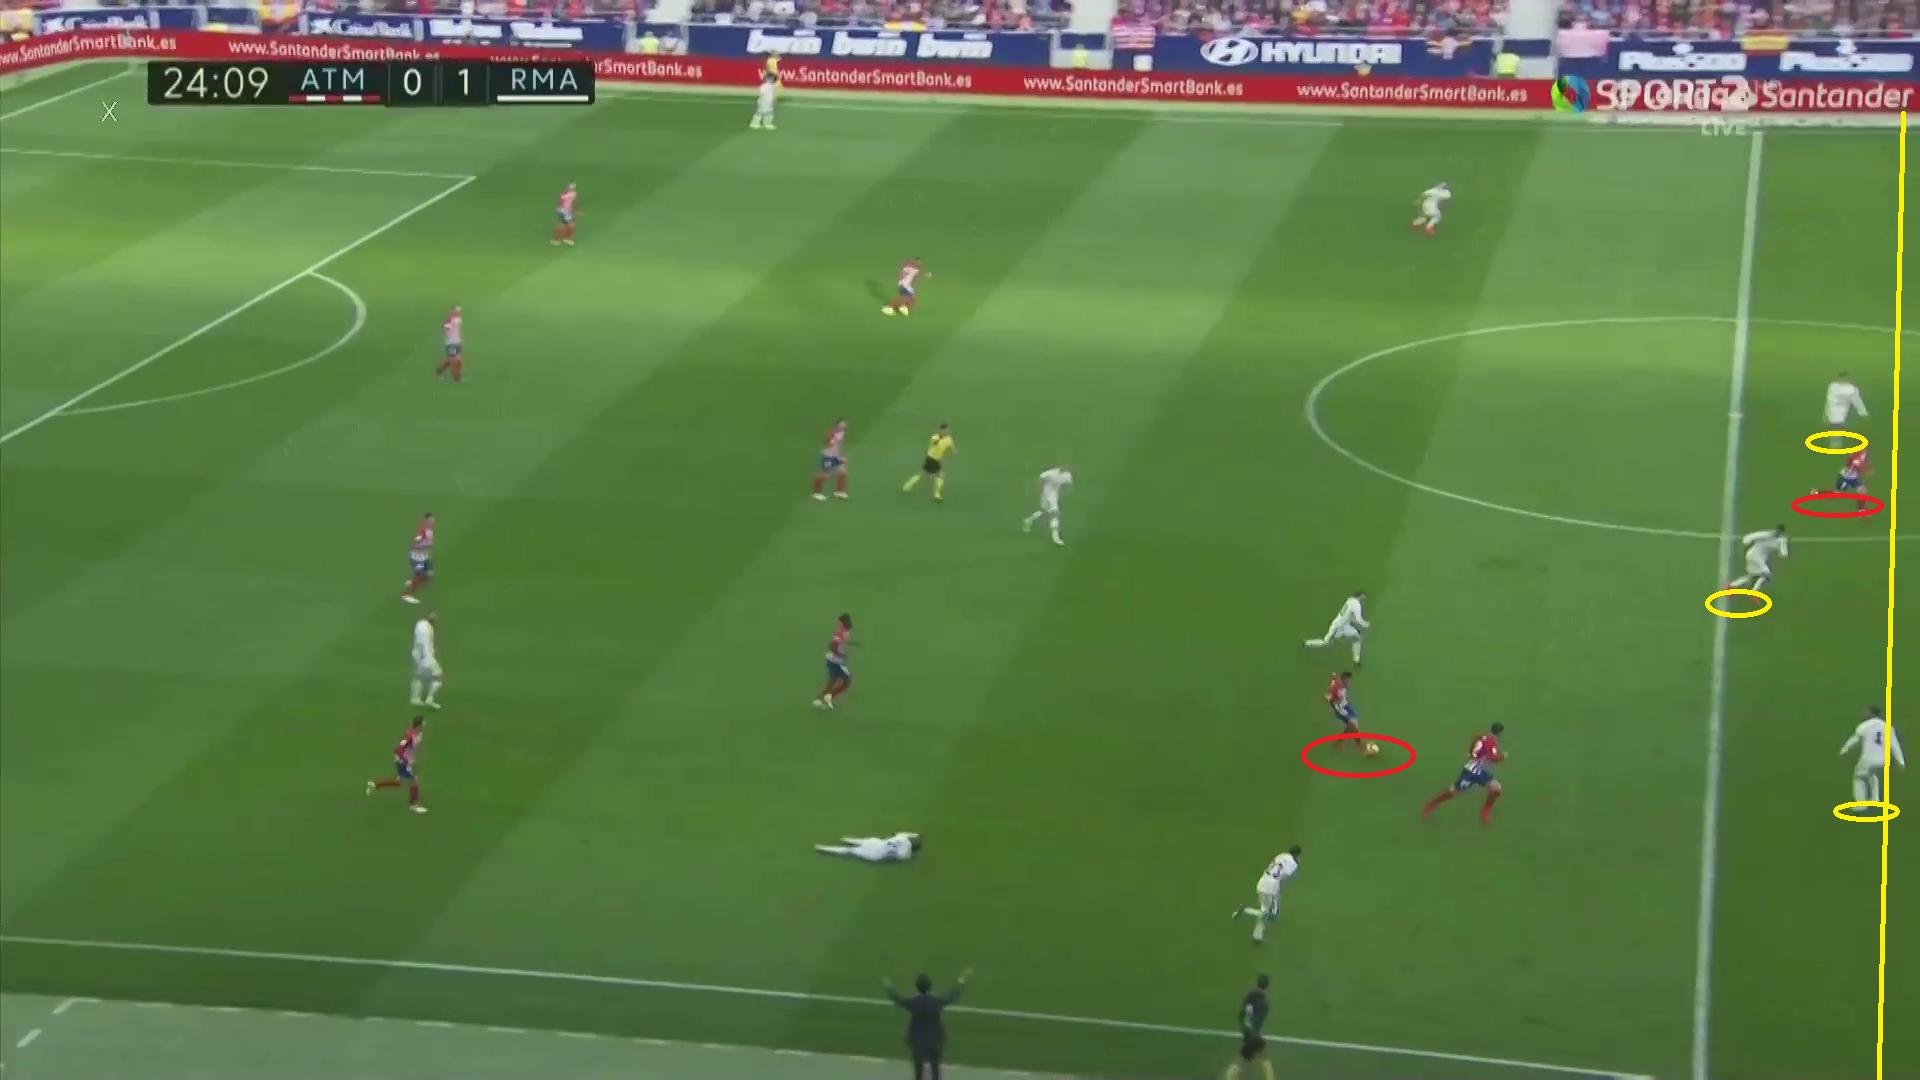 Atletico Madrid Real Madrid La Liga Tactical Analysis Statistics